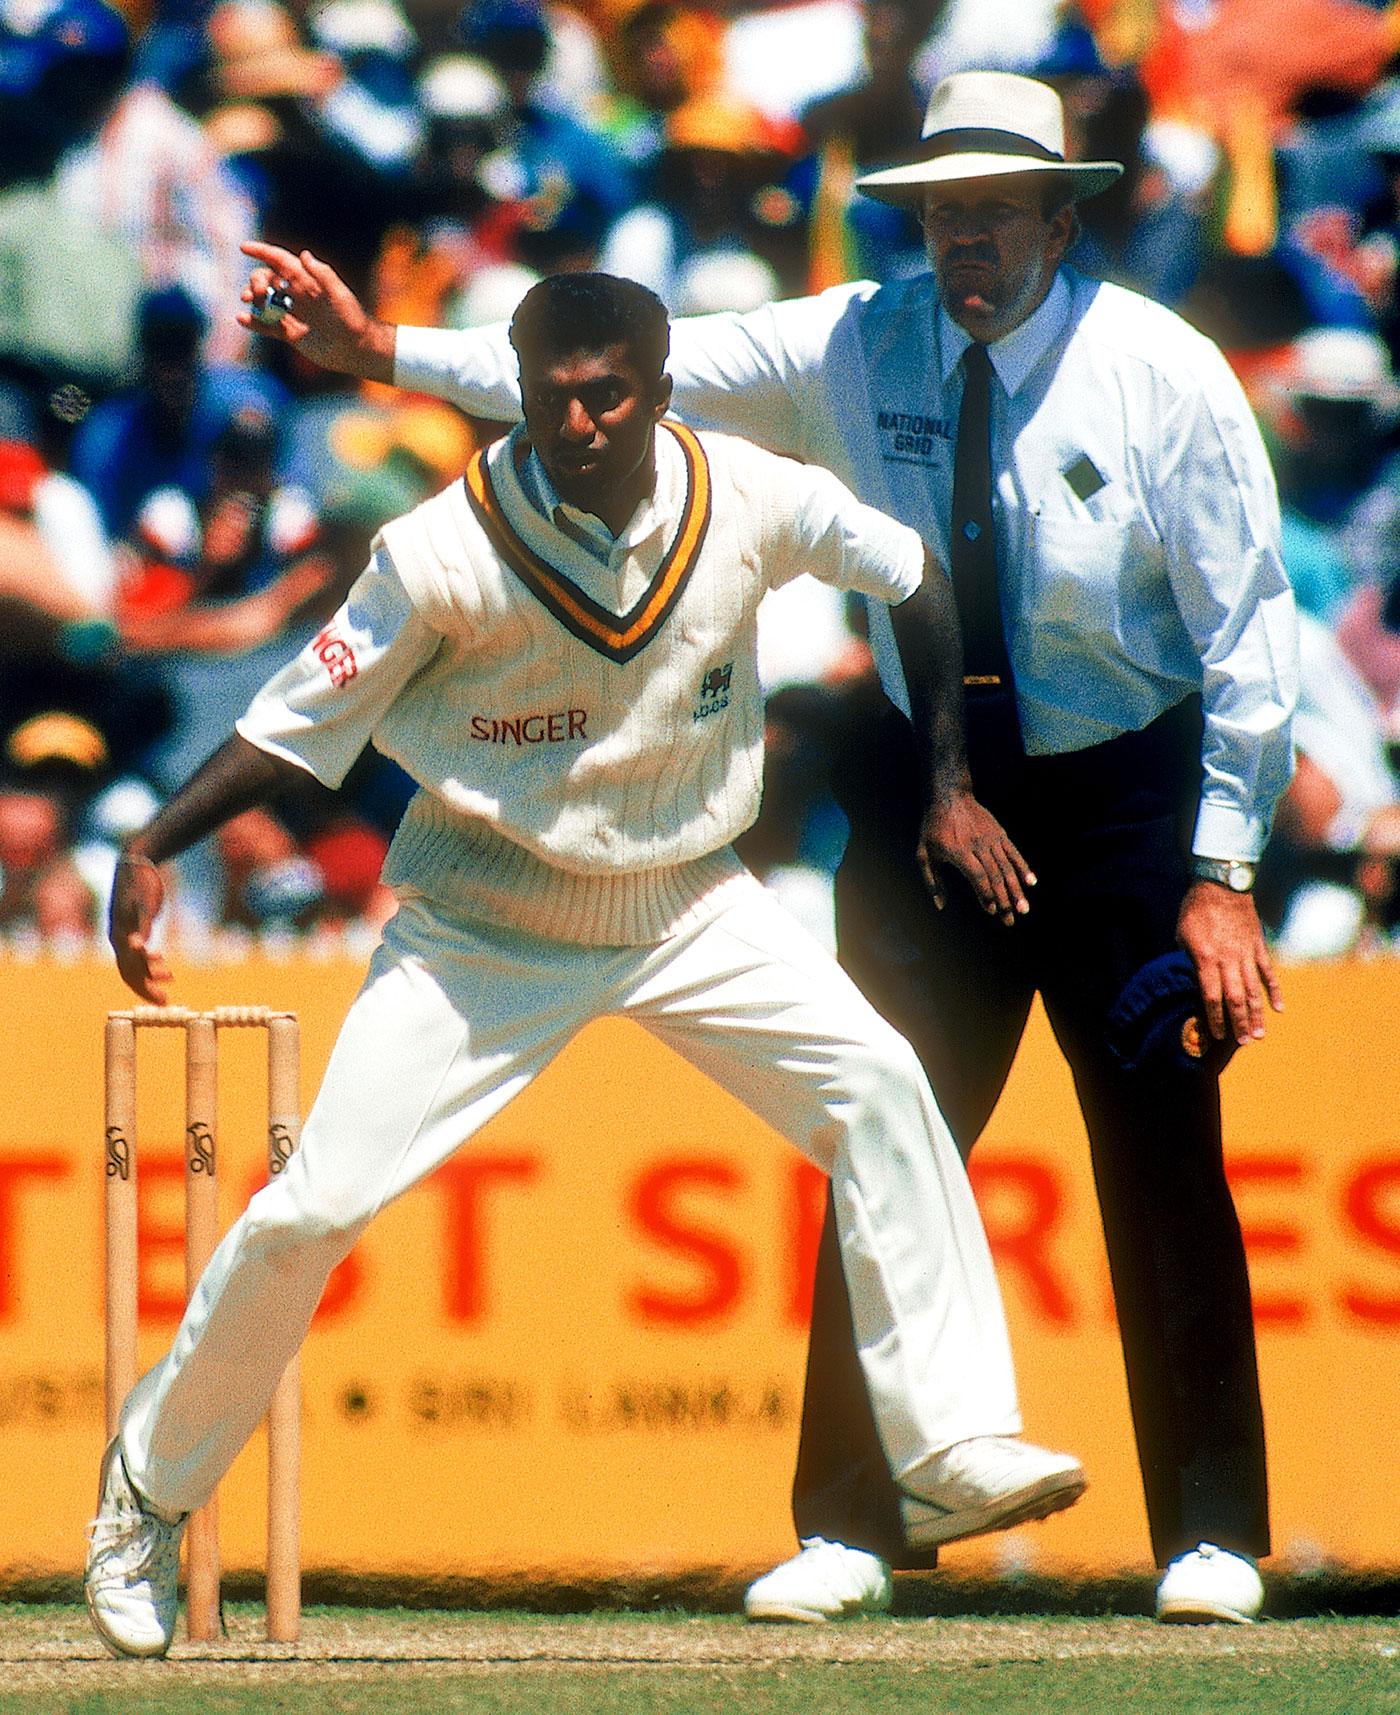 Darrell Hair no-balls Muttiah Muralitharan, Australia v Sri Lanka, 1st Test, Melbourne, 1st day, December 26, 1995